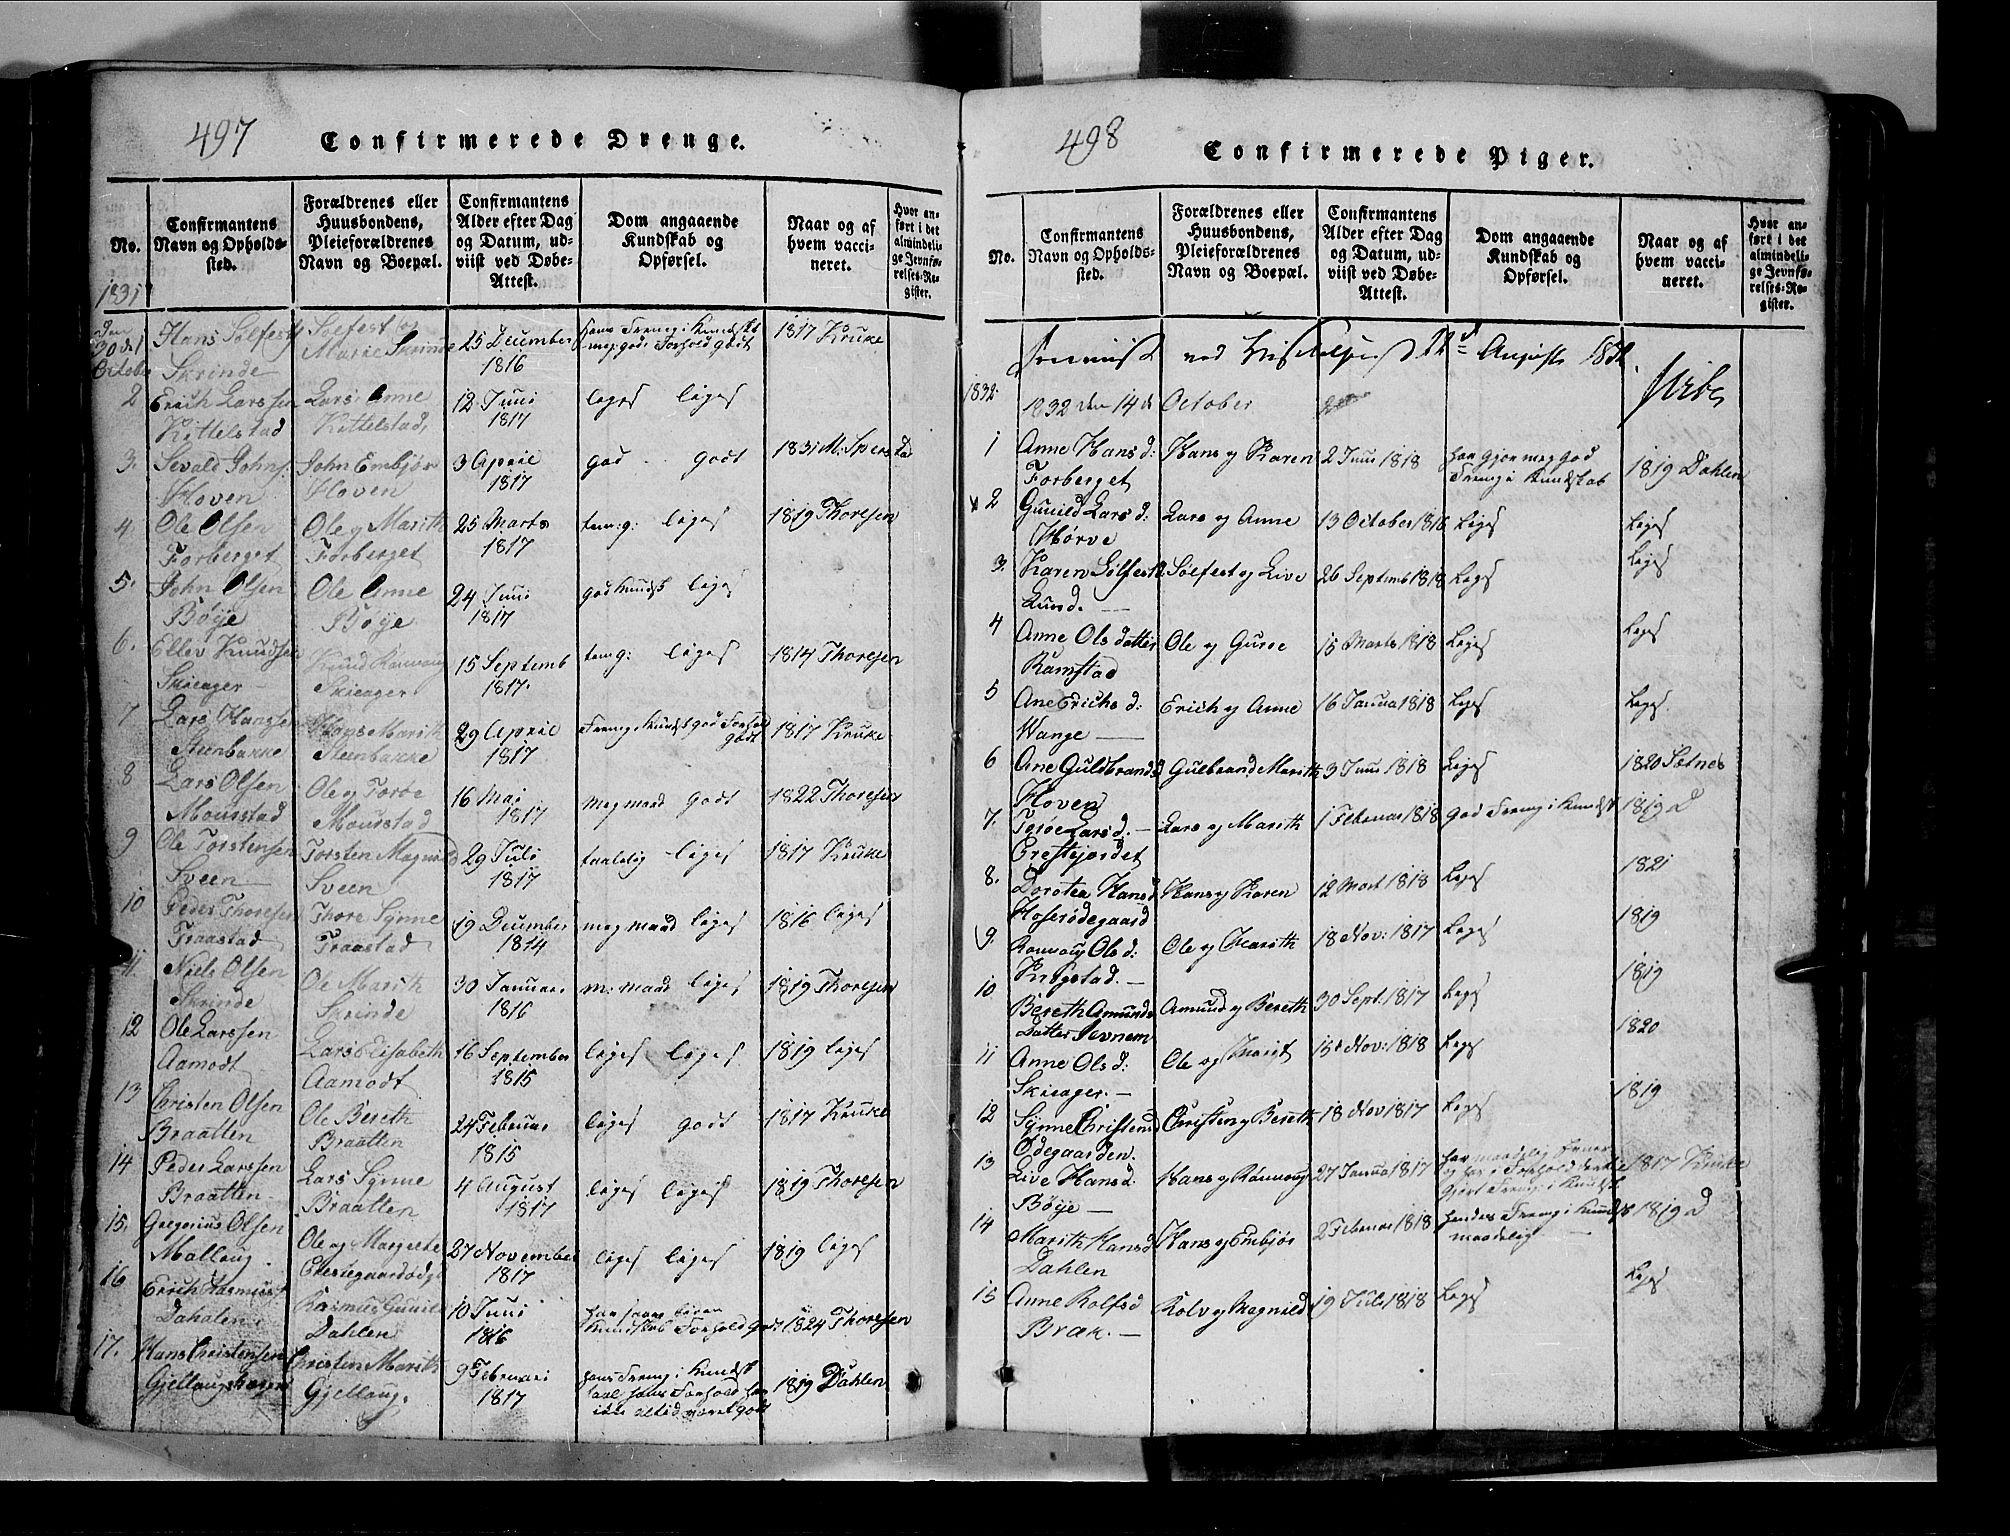 SAH, Lom prestekontor, L/L0003: Klokkerbok nr. 3, 1815-1844, s. 497-498